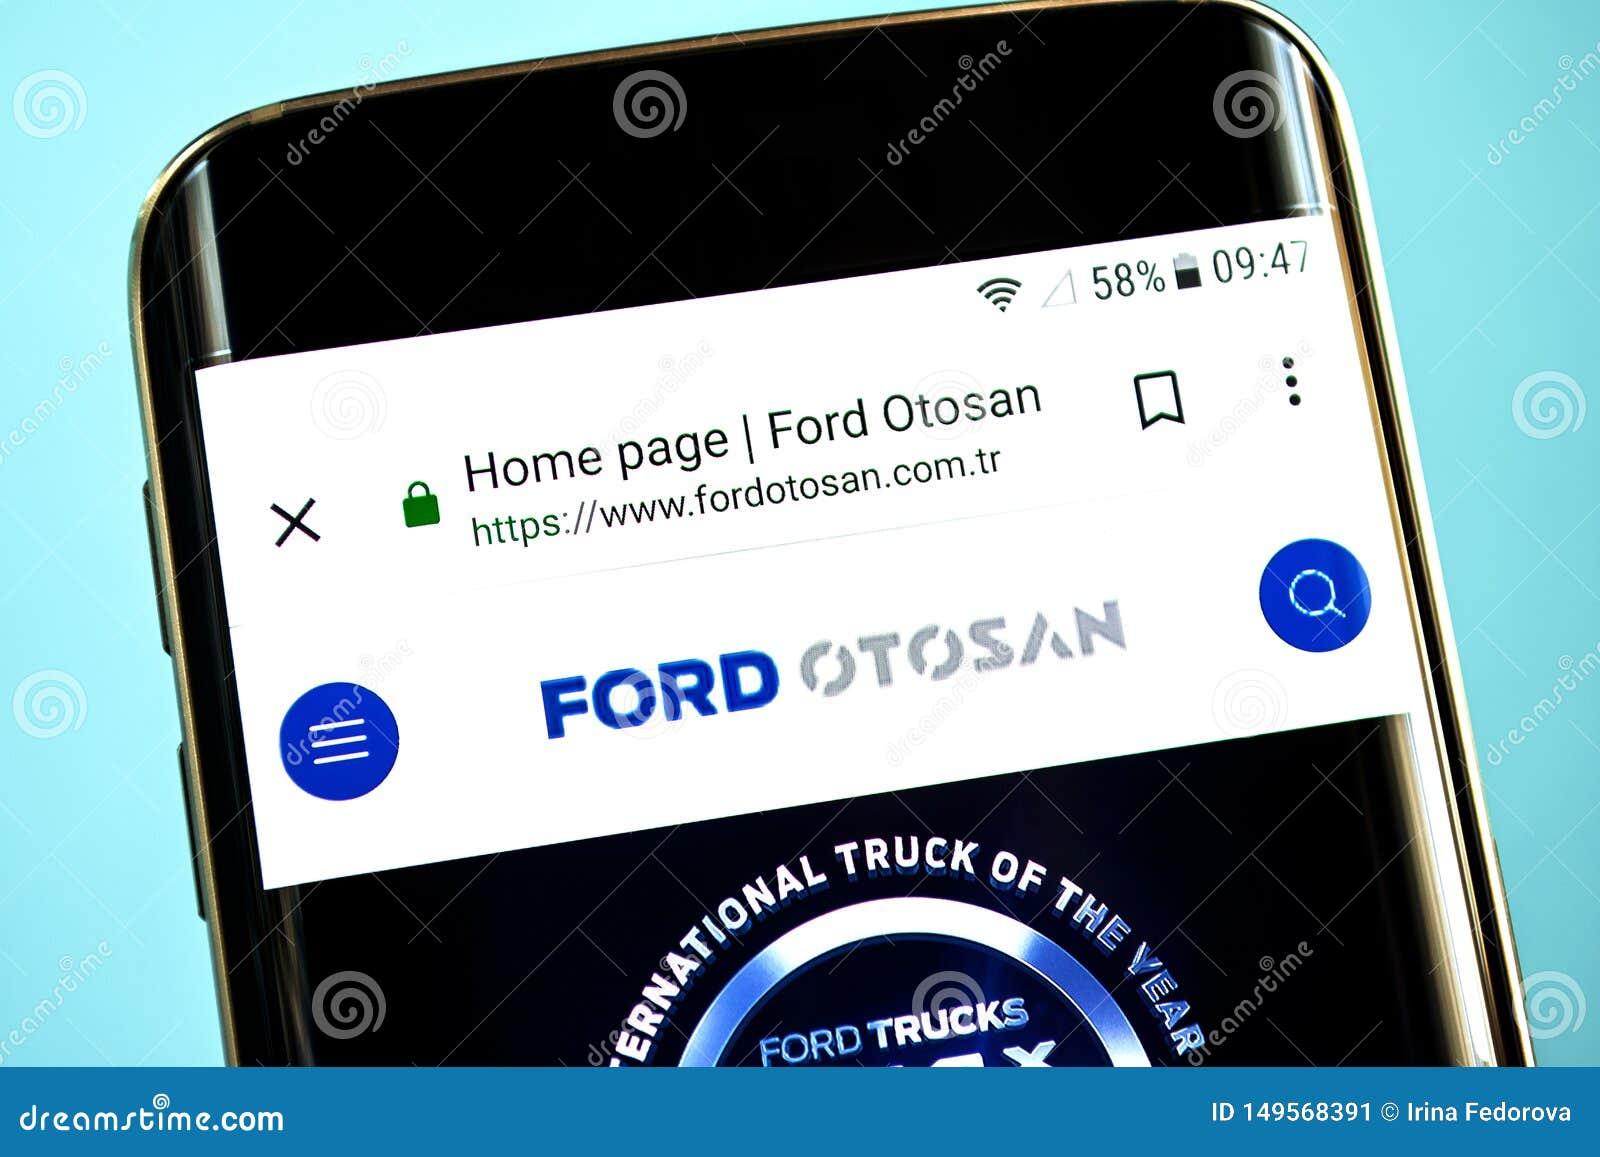 Berdyansk, Ουκρανία - 30 Μαΐου 2019: Αρχική σελίδα ιστοχώρου της Ford Otosan Λογότυπο της Ford Otosan ορατό στην τηλεφωνική οθόνη